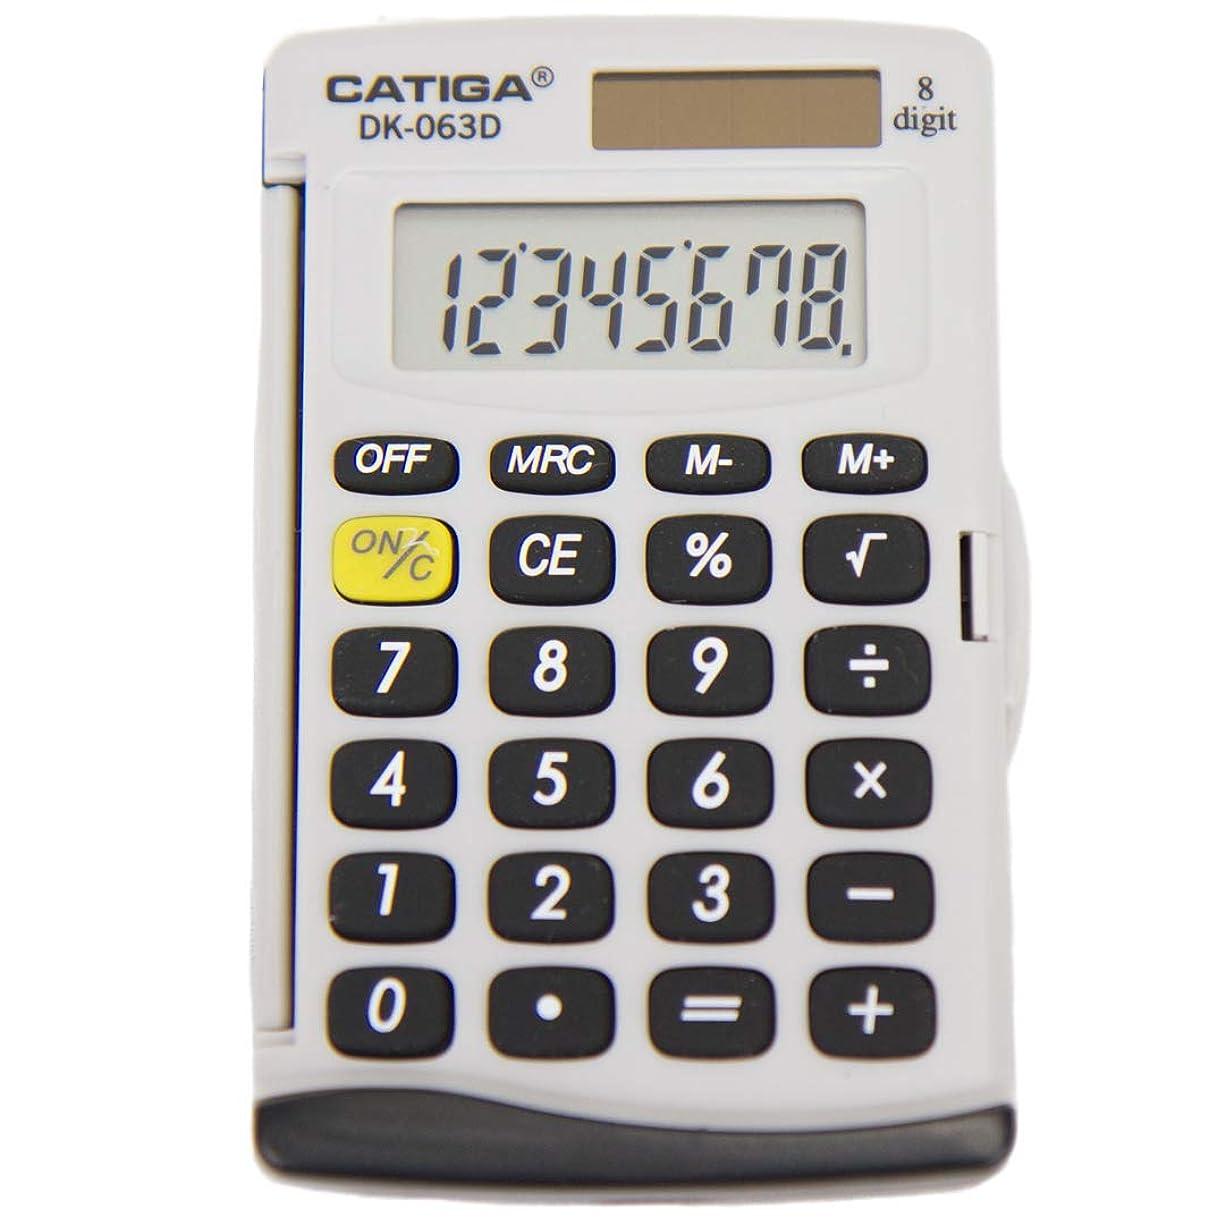 携帯用電卓 - ポータブル、教育用電卓 - コンパクト内蔵カバー - Catiga - DK-063D - 移動中または学習目的用 (ブラック)